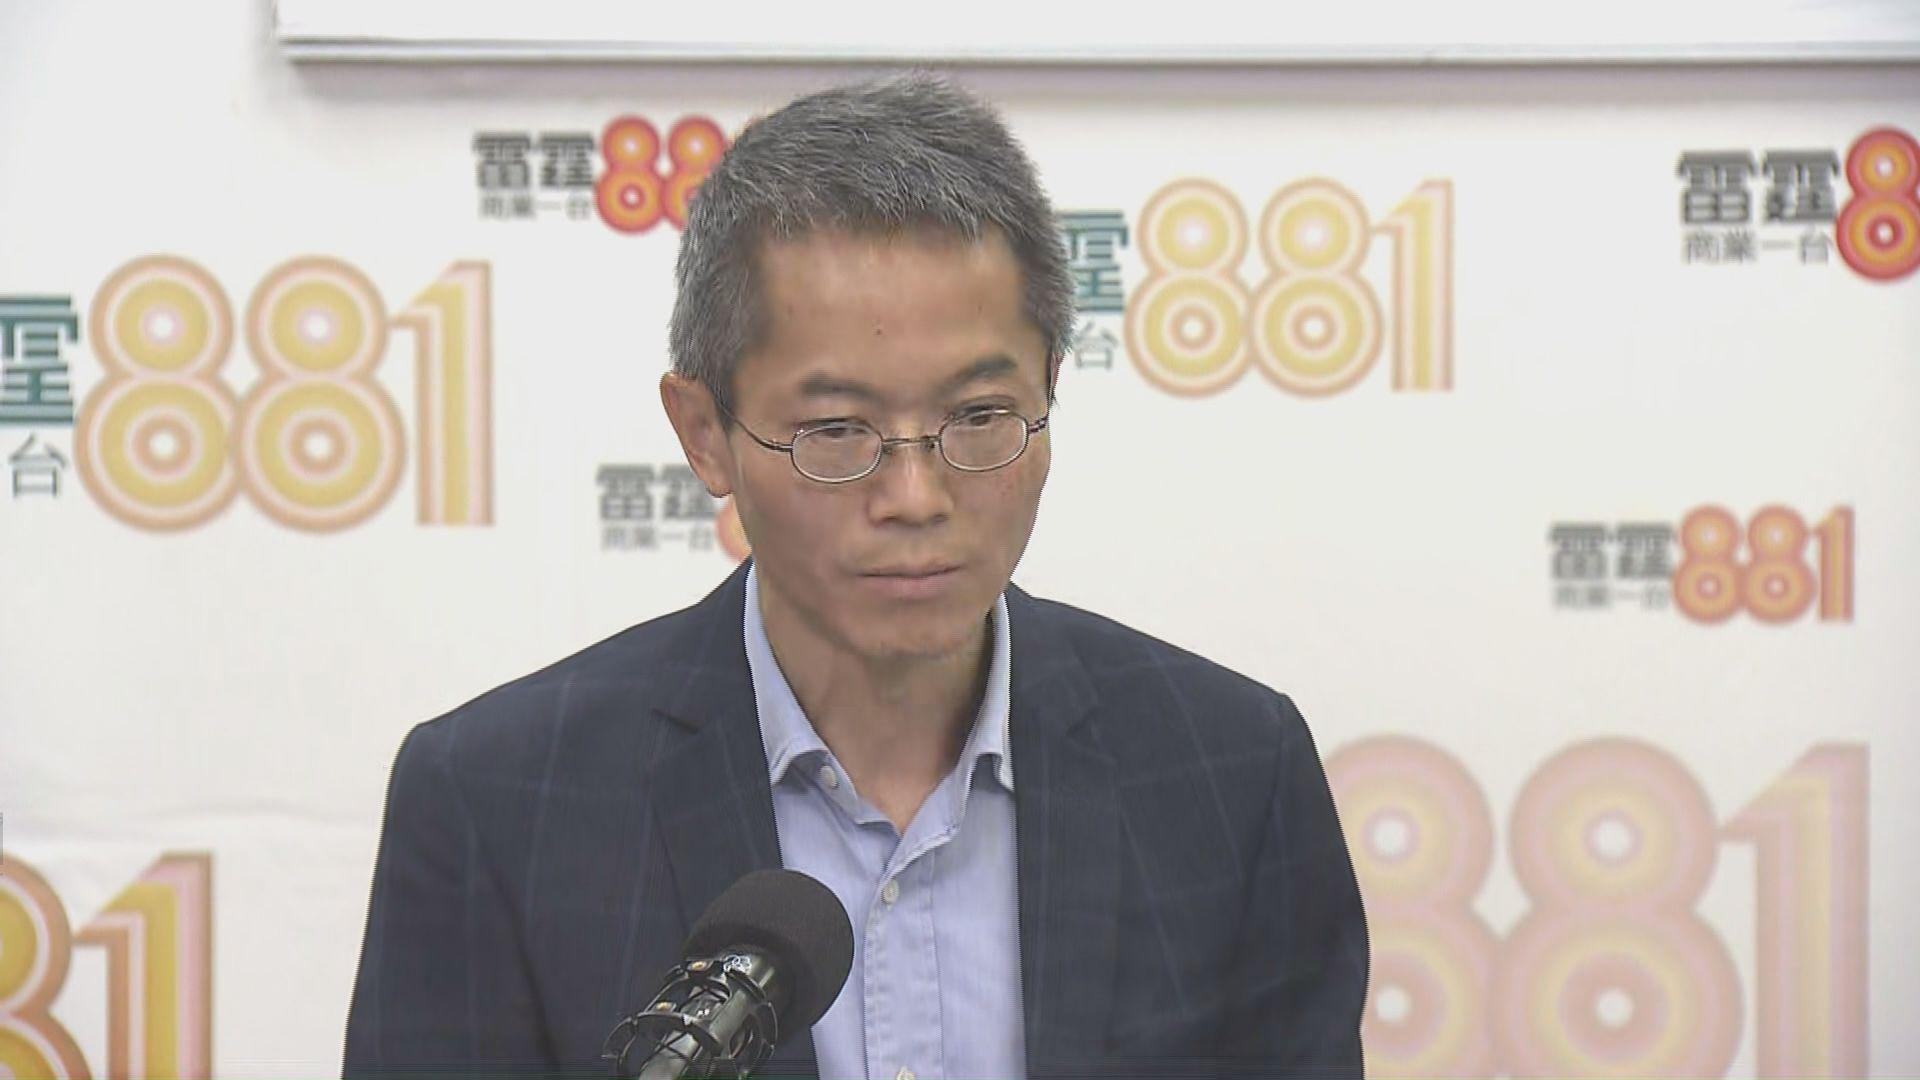 黃加慶:今次登革熱疫情來得很急